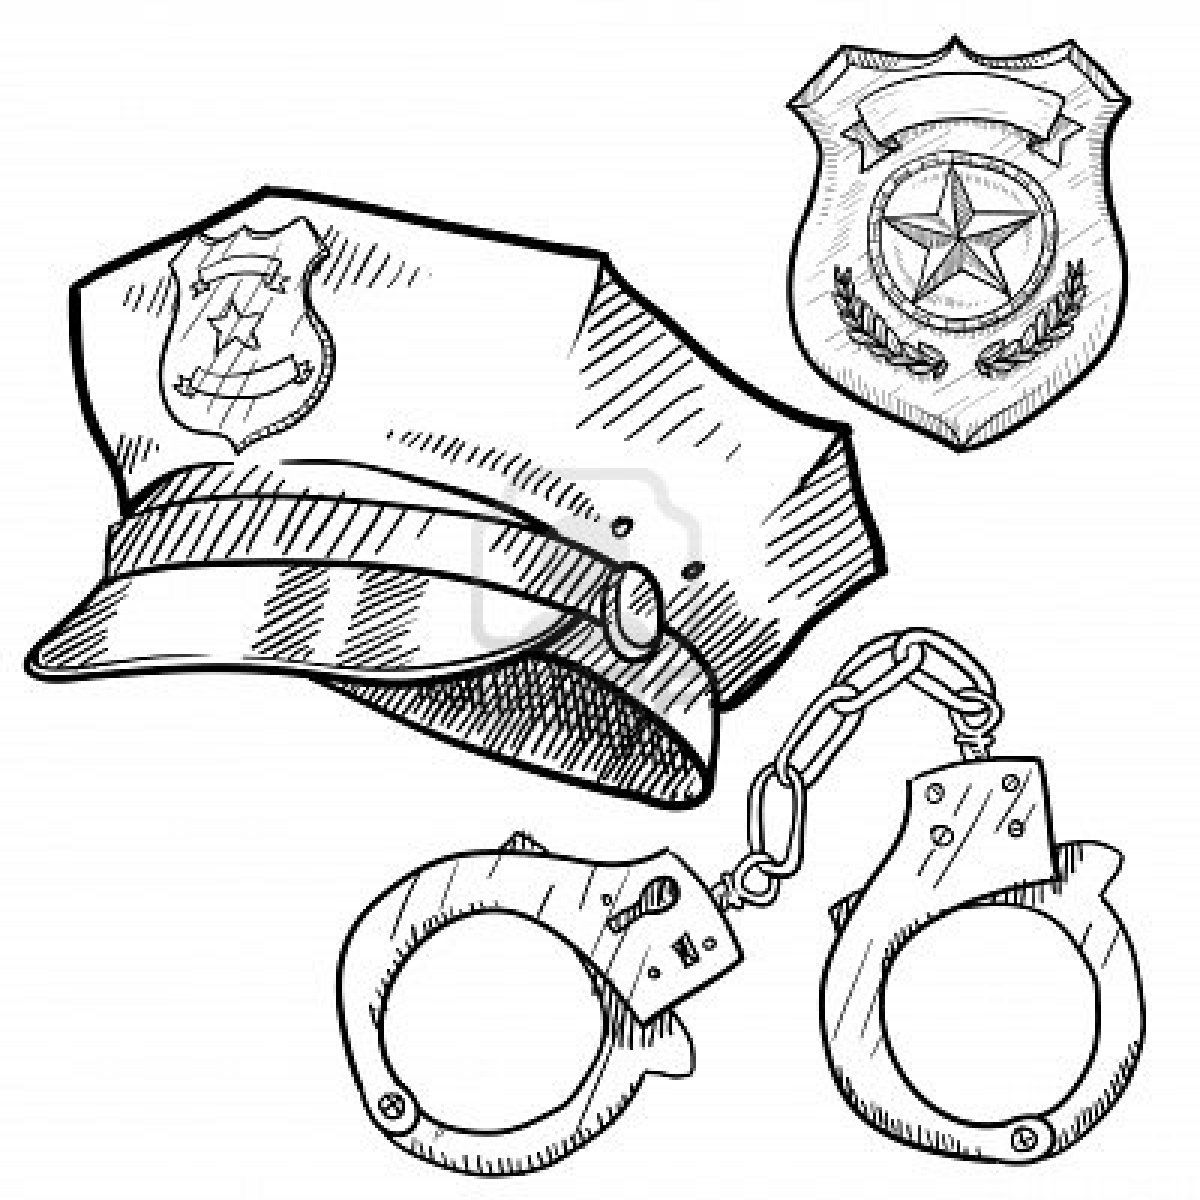 Stock Photo In 2020 Police Hat Police Officer Badge Police